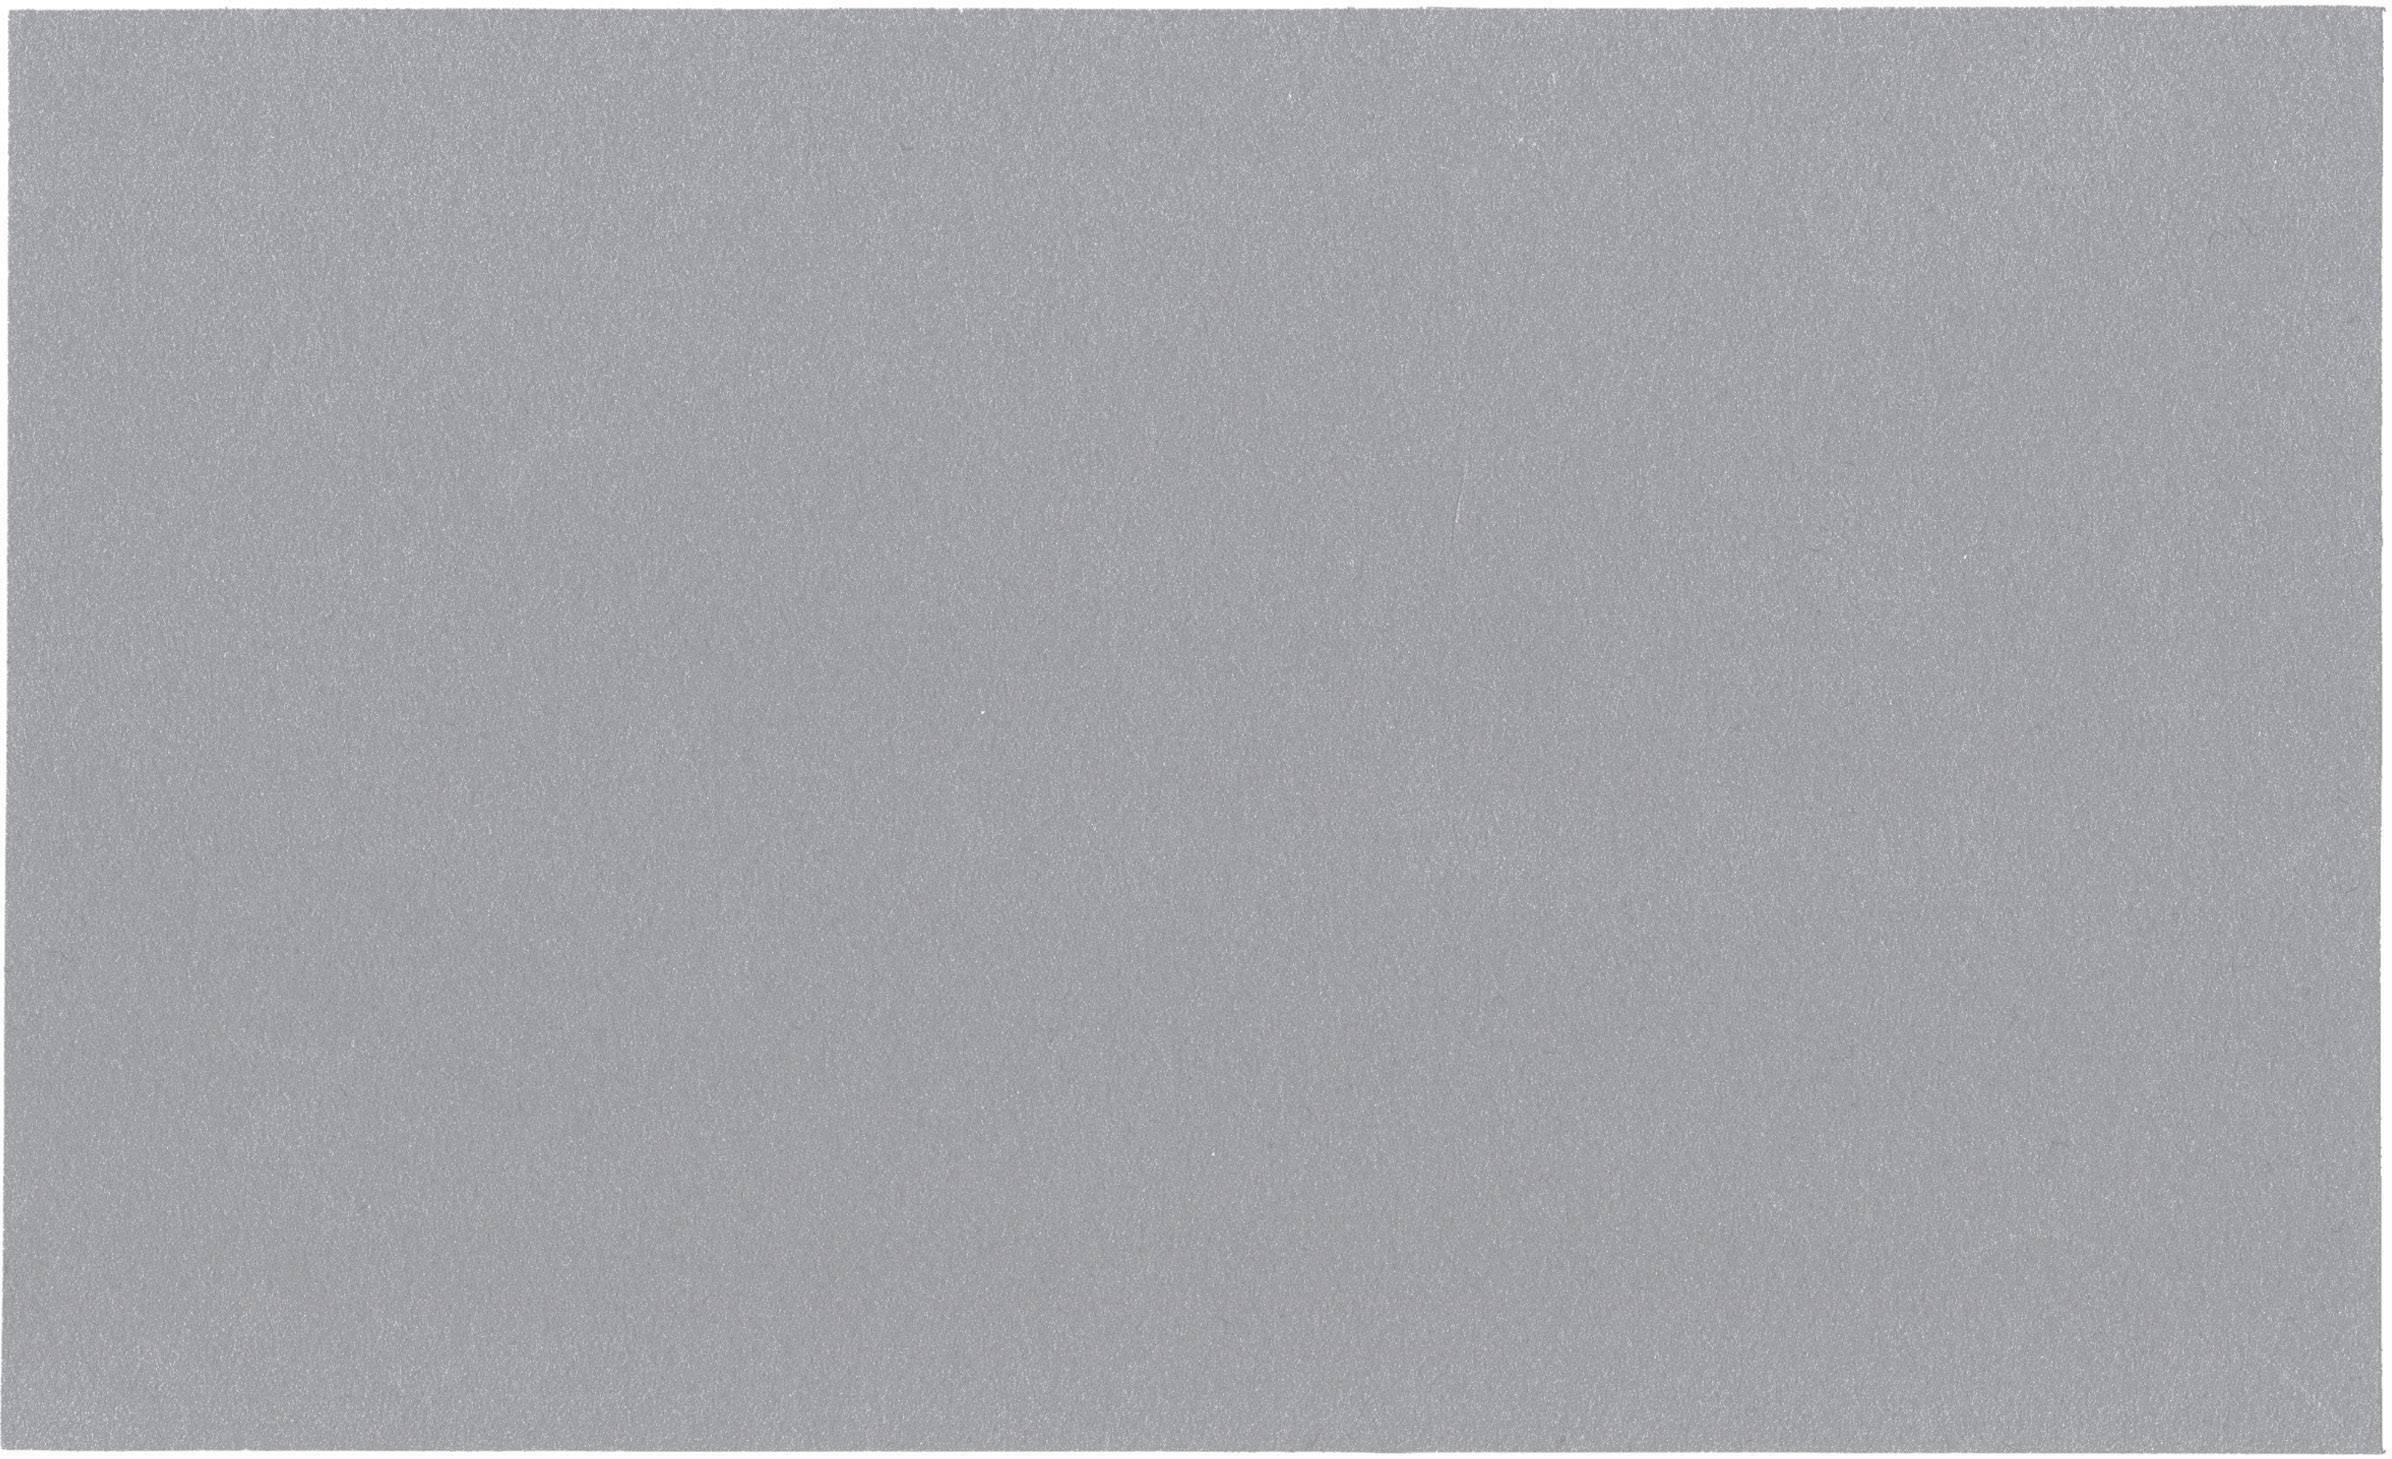 Tepelně vodivá fólie Softtherm® Kerafol 86/600, 6 W/mK, 200 x 120 x 0,5 mm